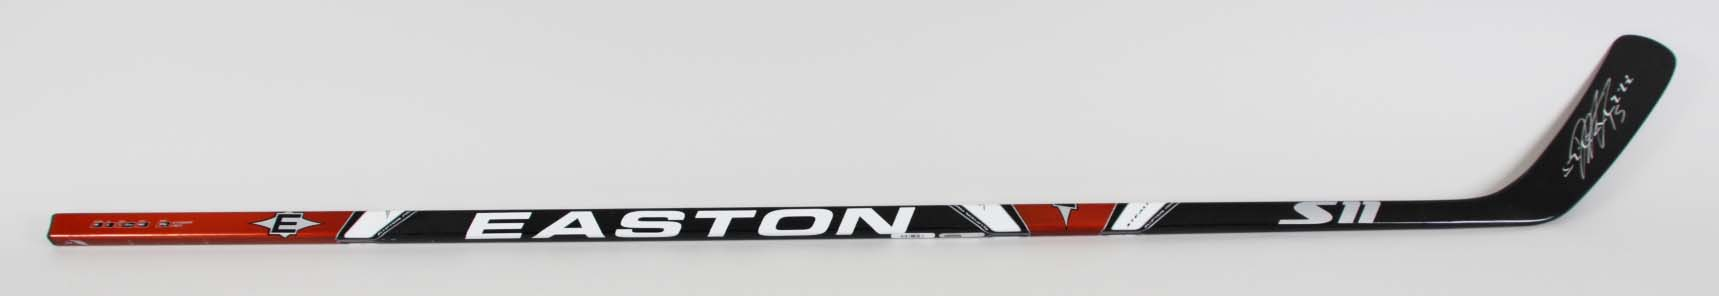 Dany Heatley Signed Hockey Stick Sharks - COA JSA